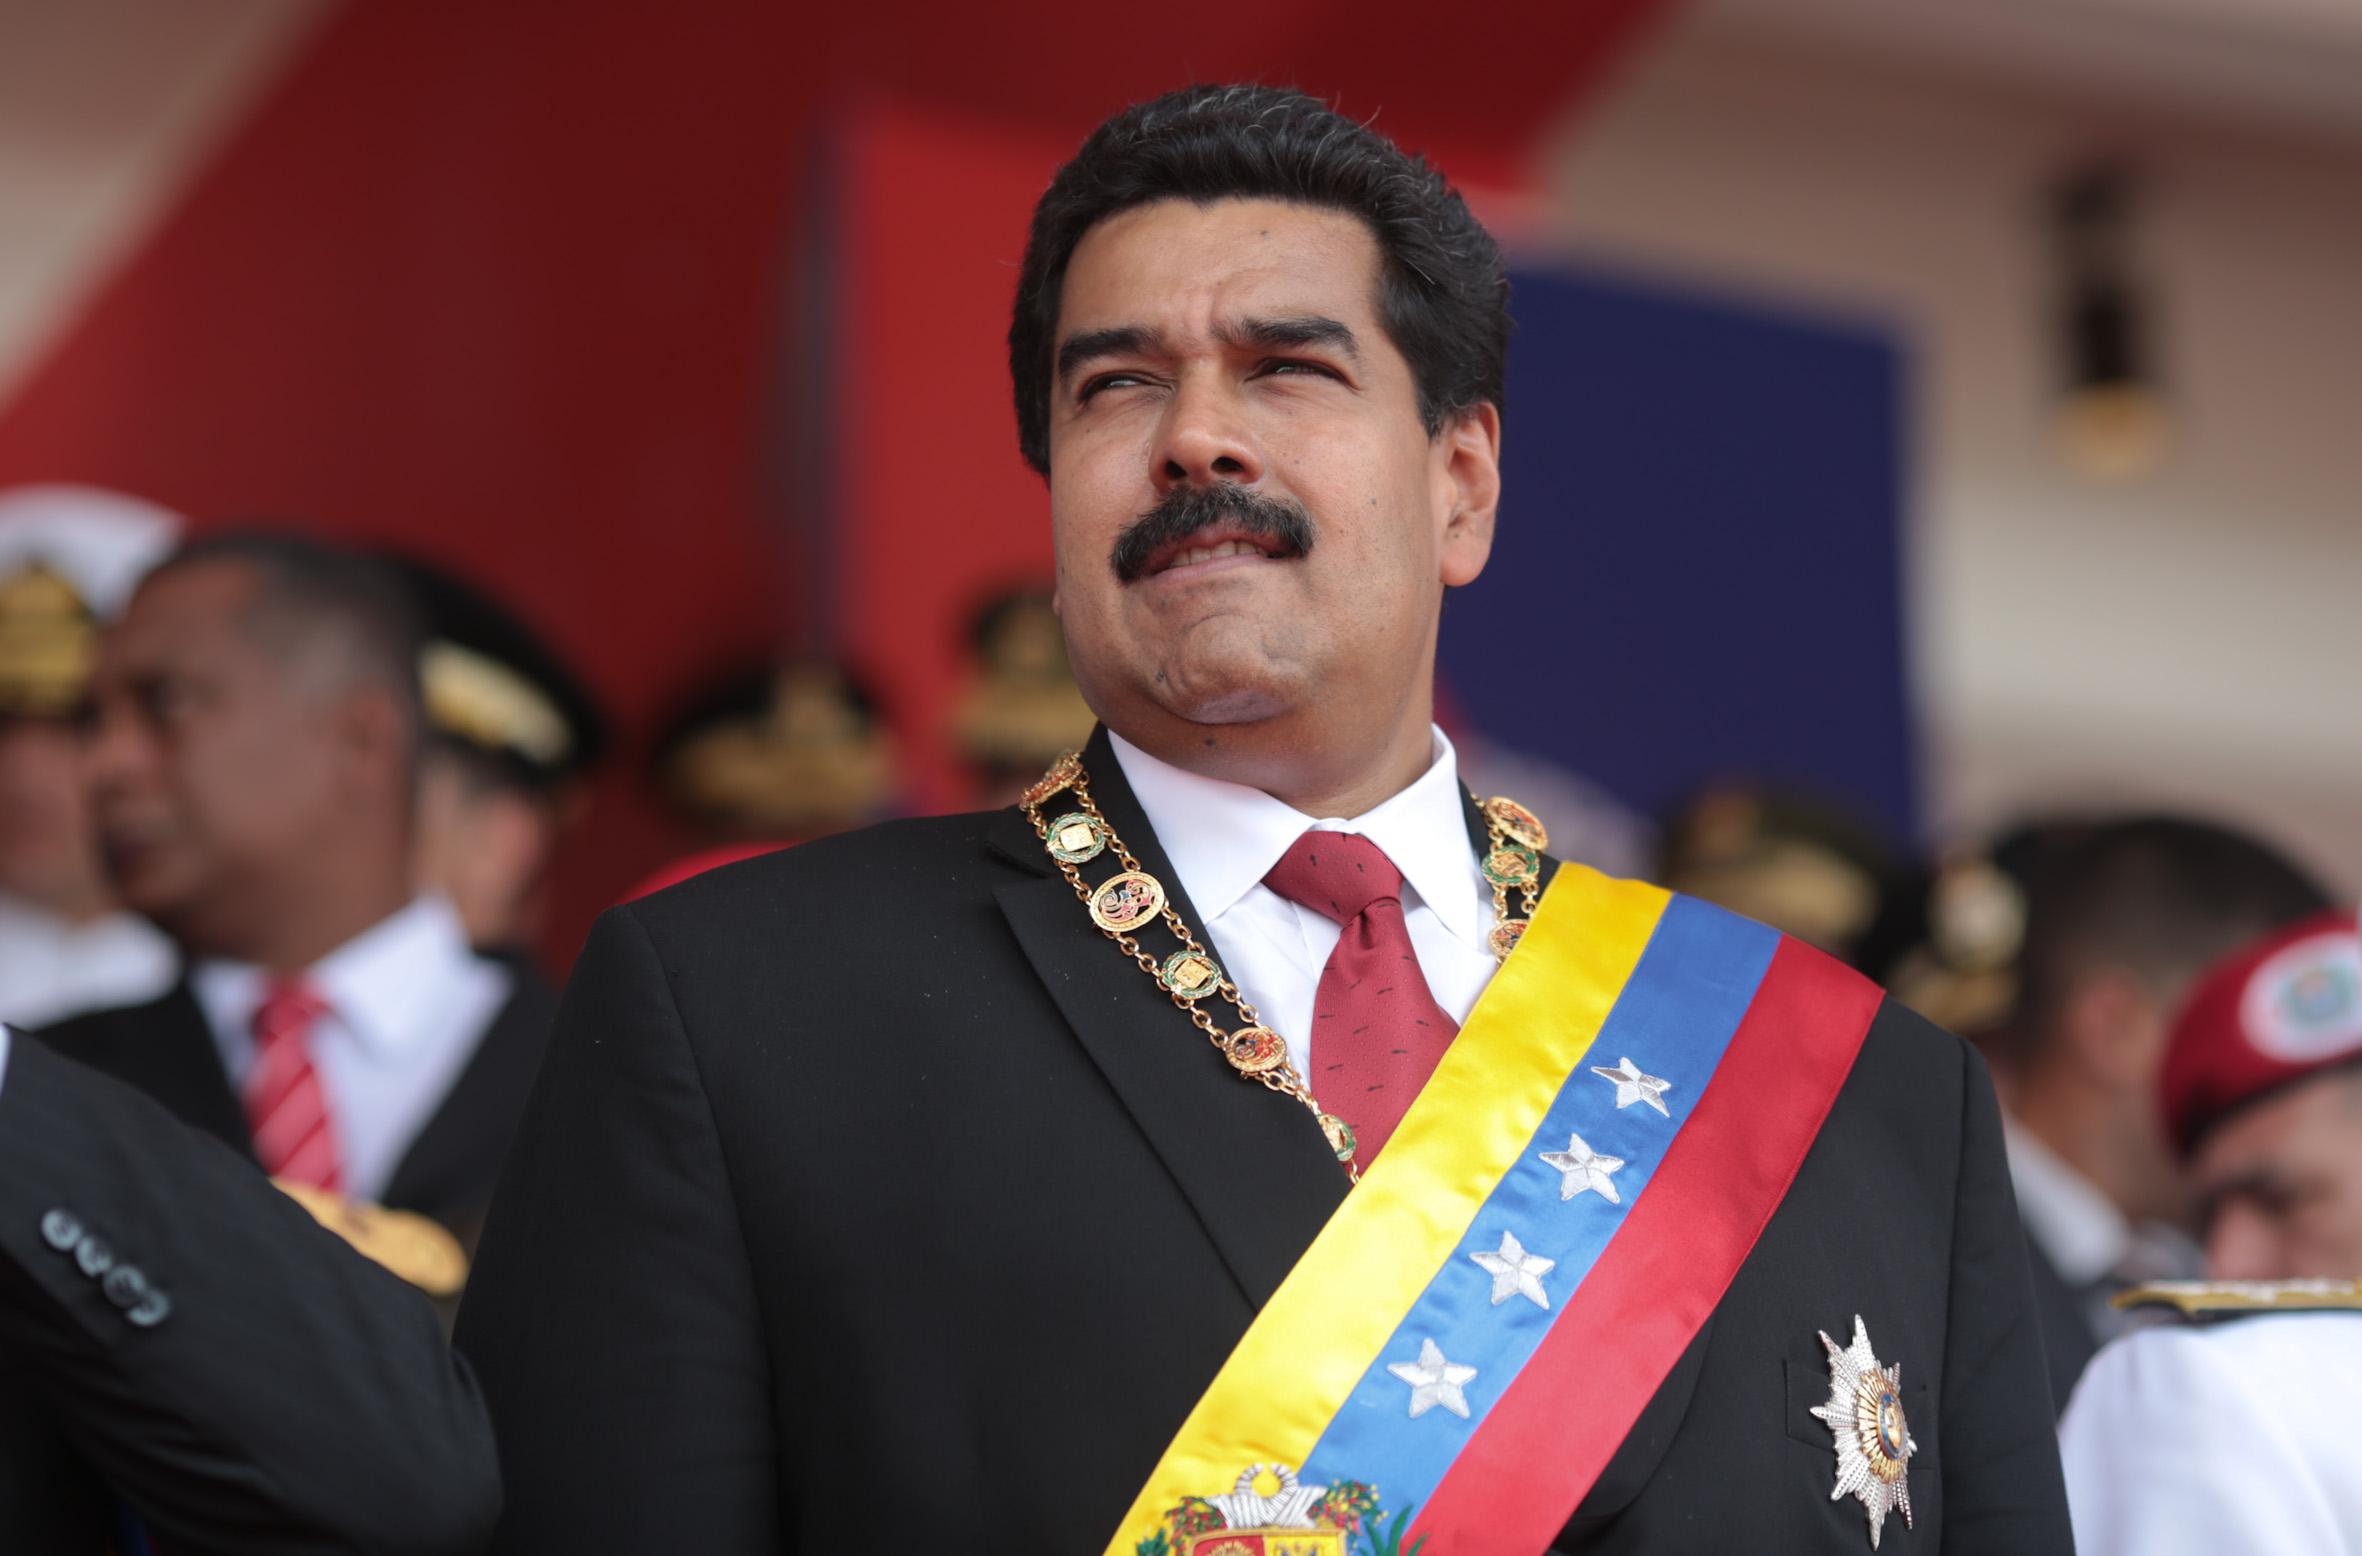 Convoca Nicolás Maduro a crear una nueva Constitución para Venezuela